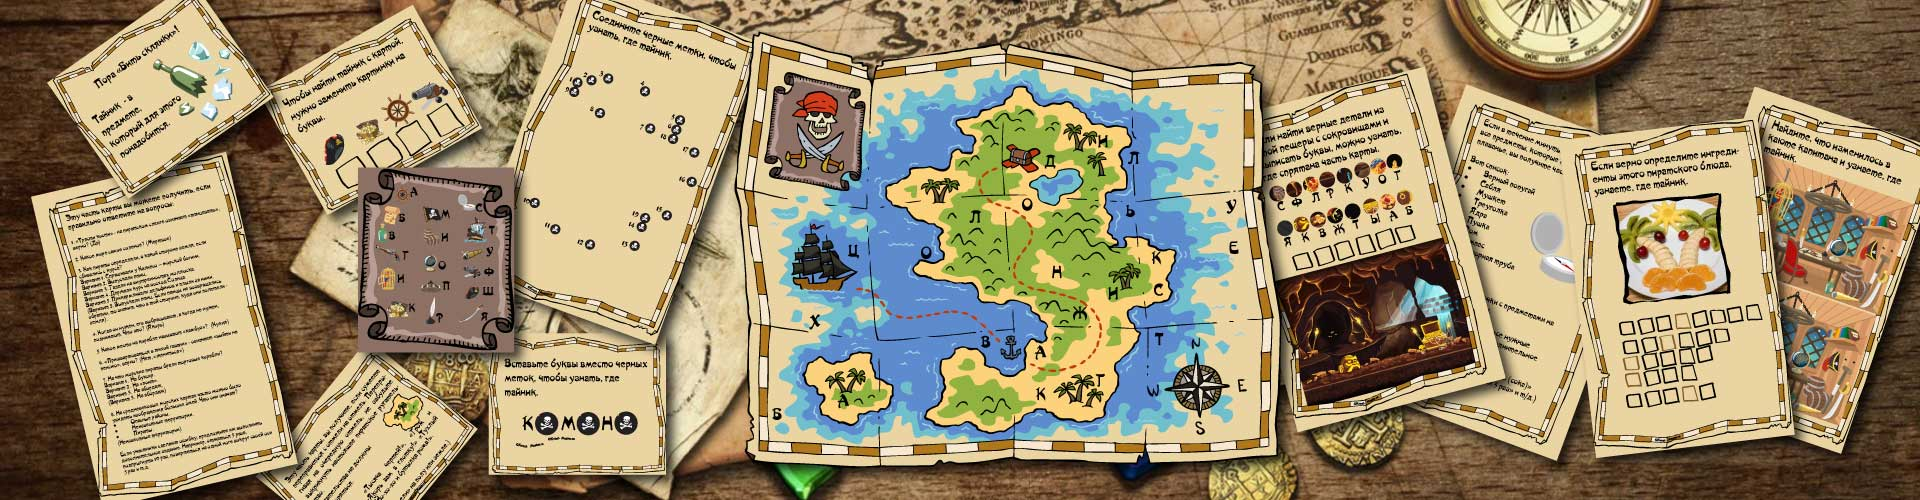 пиратский квест для дома 9 лет готовые карточки